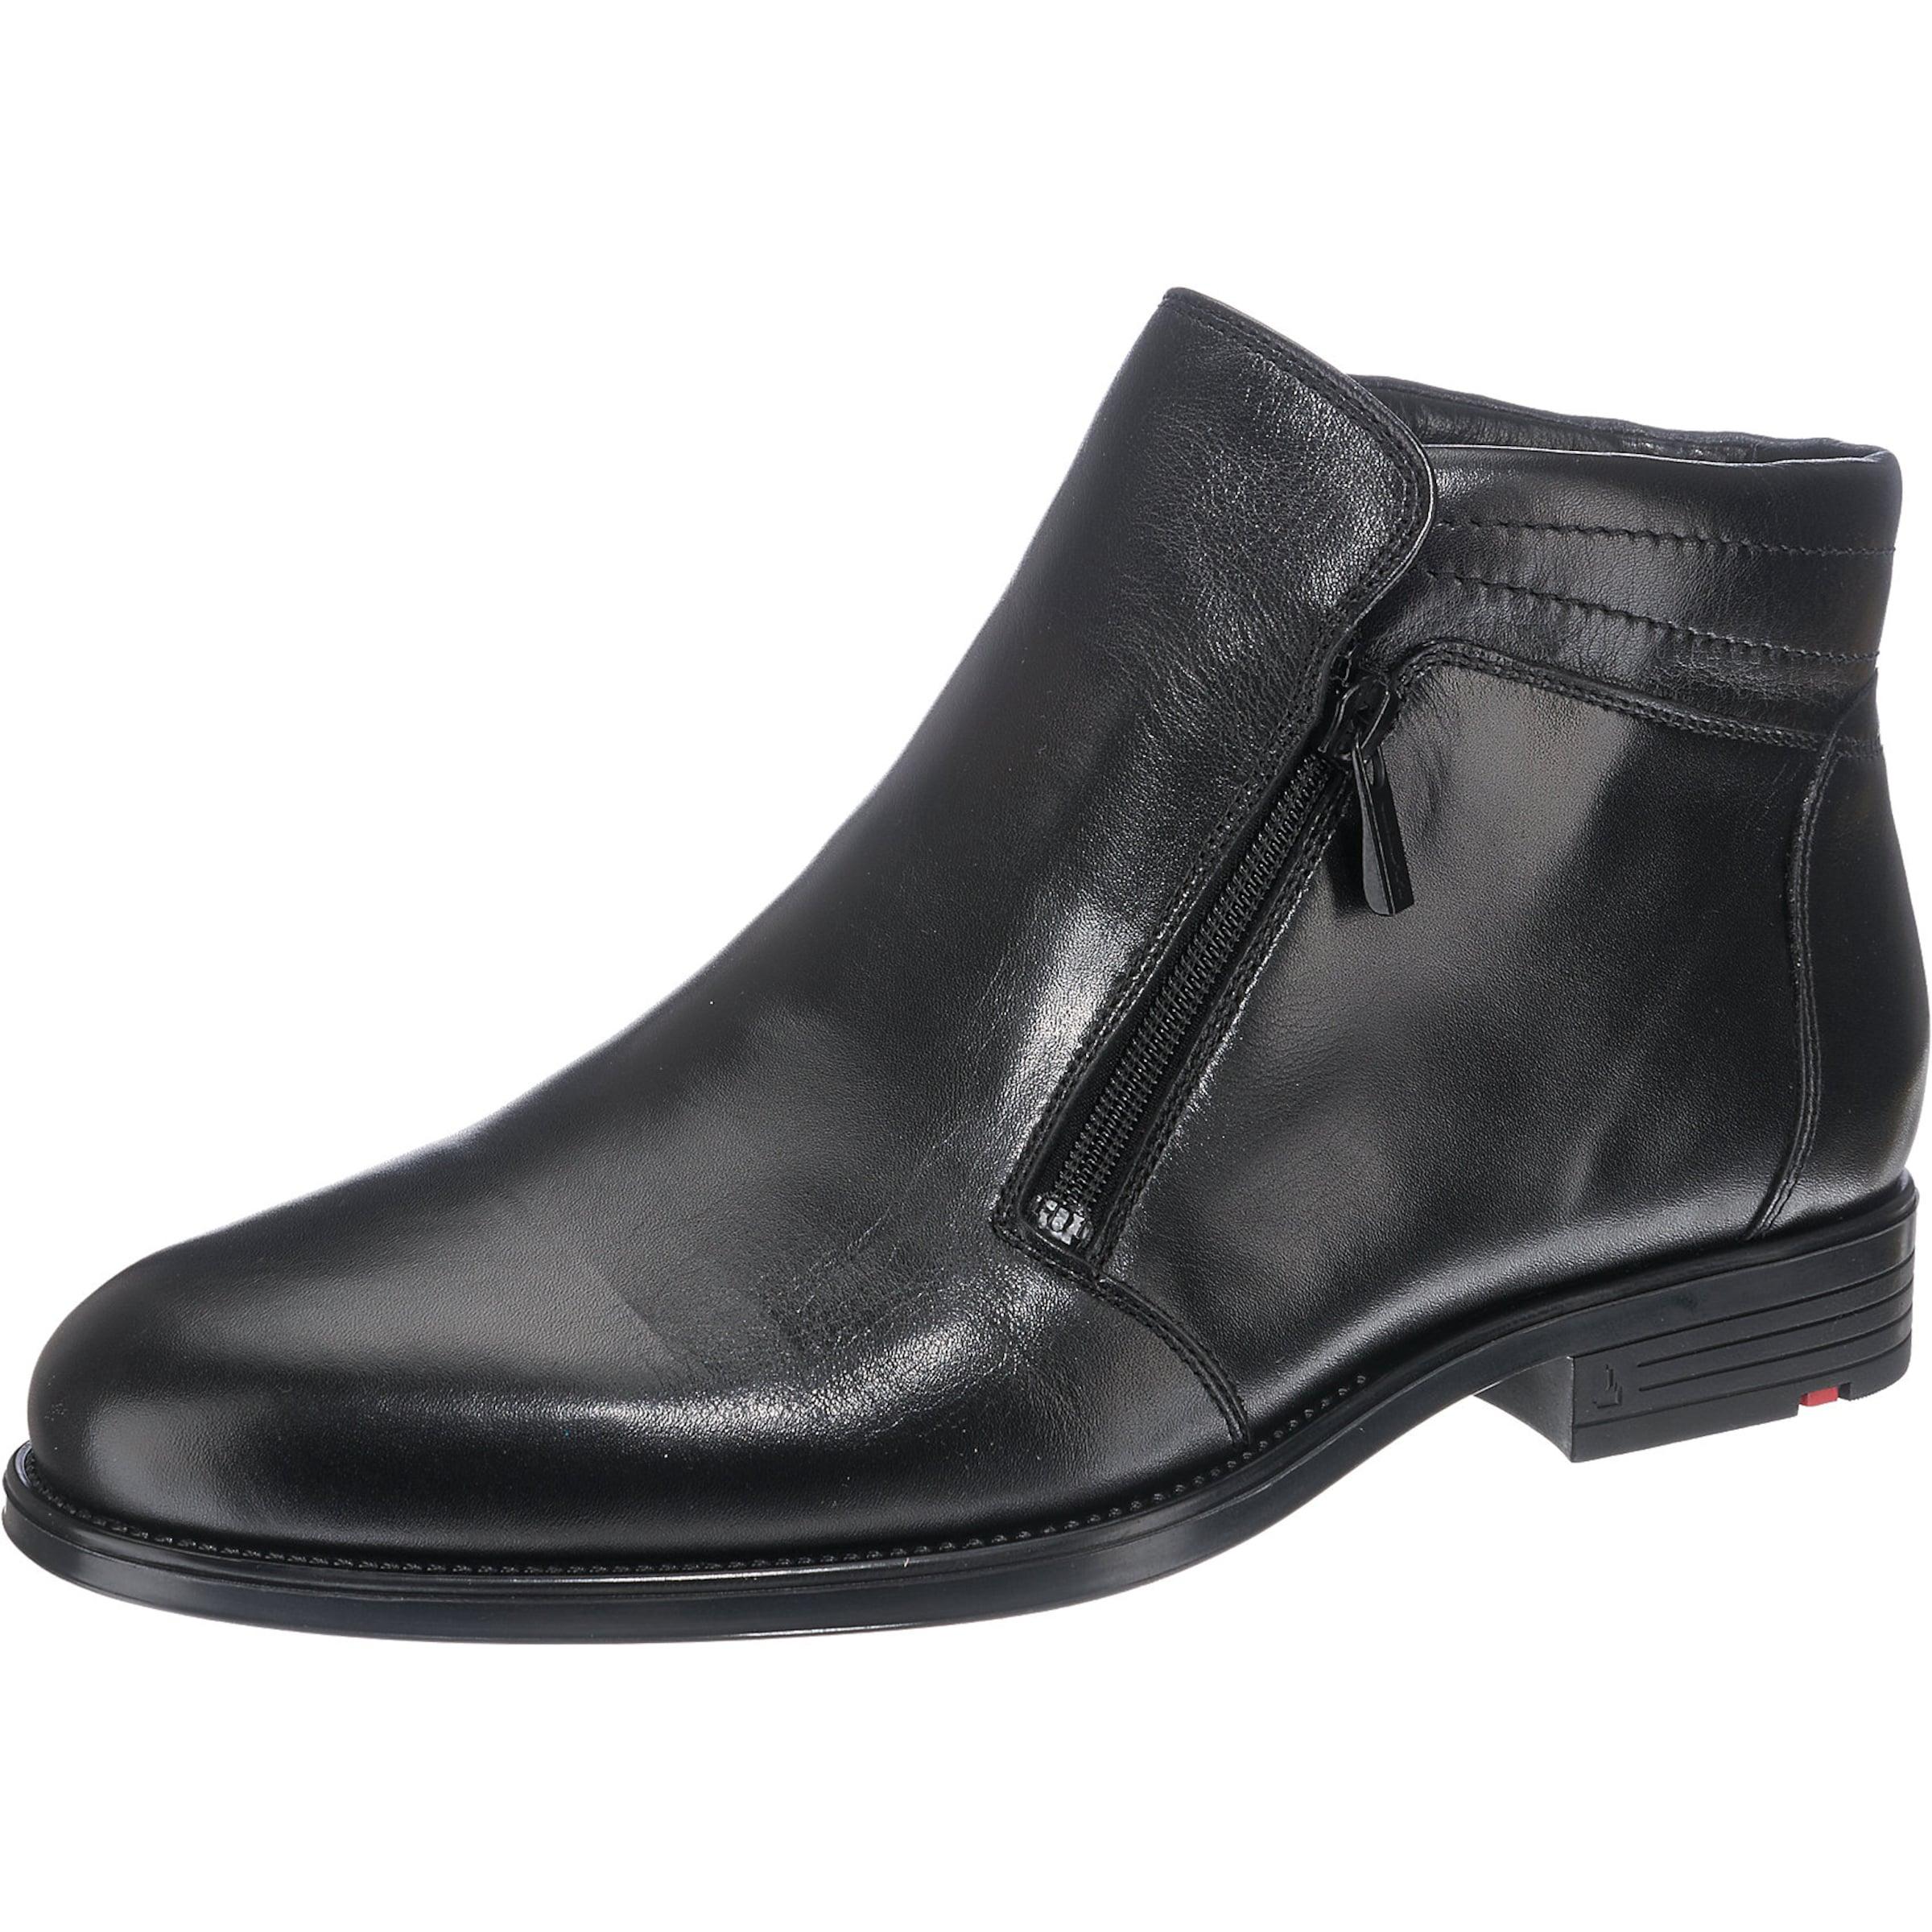 LLOYD Stiefelette Pinar Verschleißfeste billige Schuhe